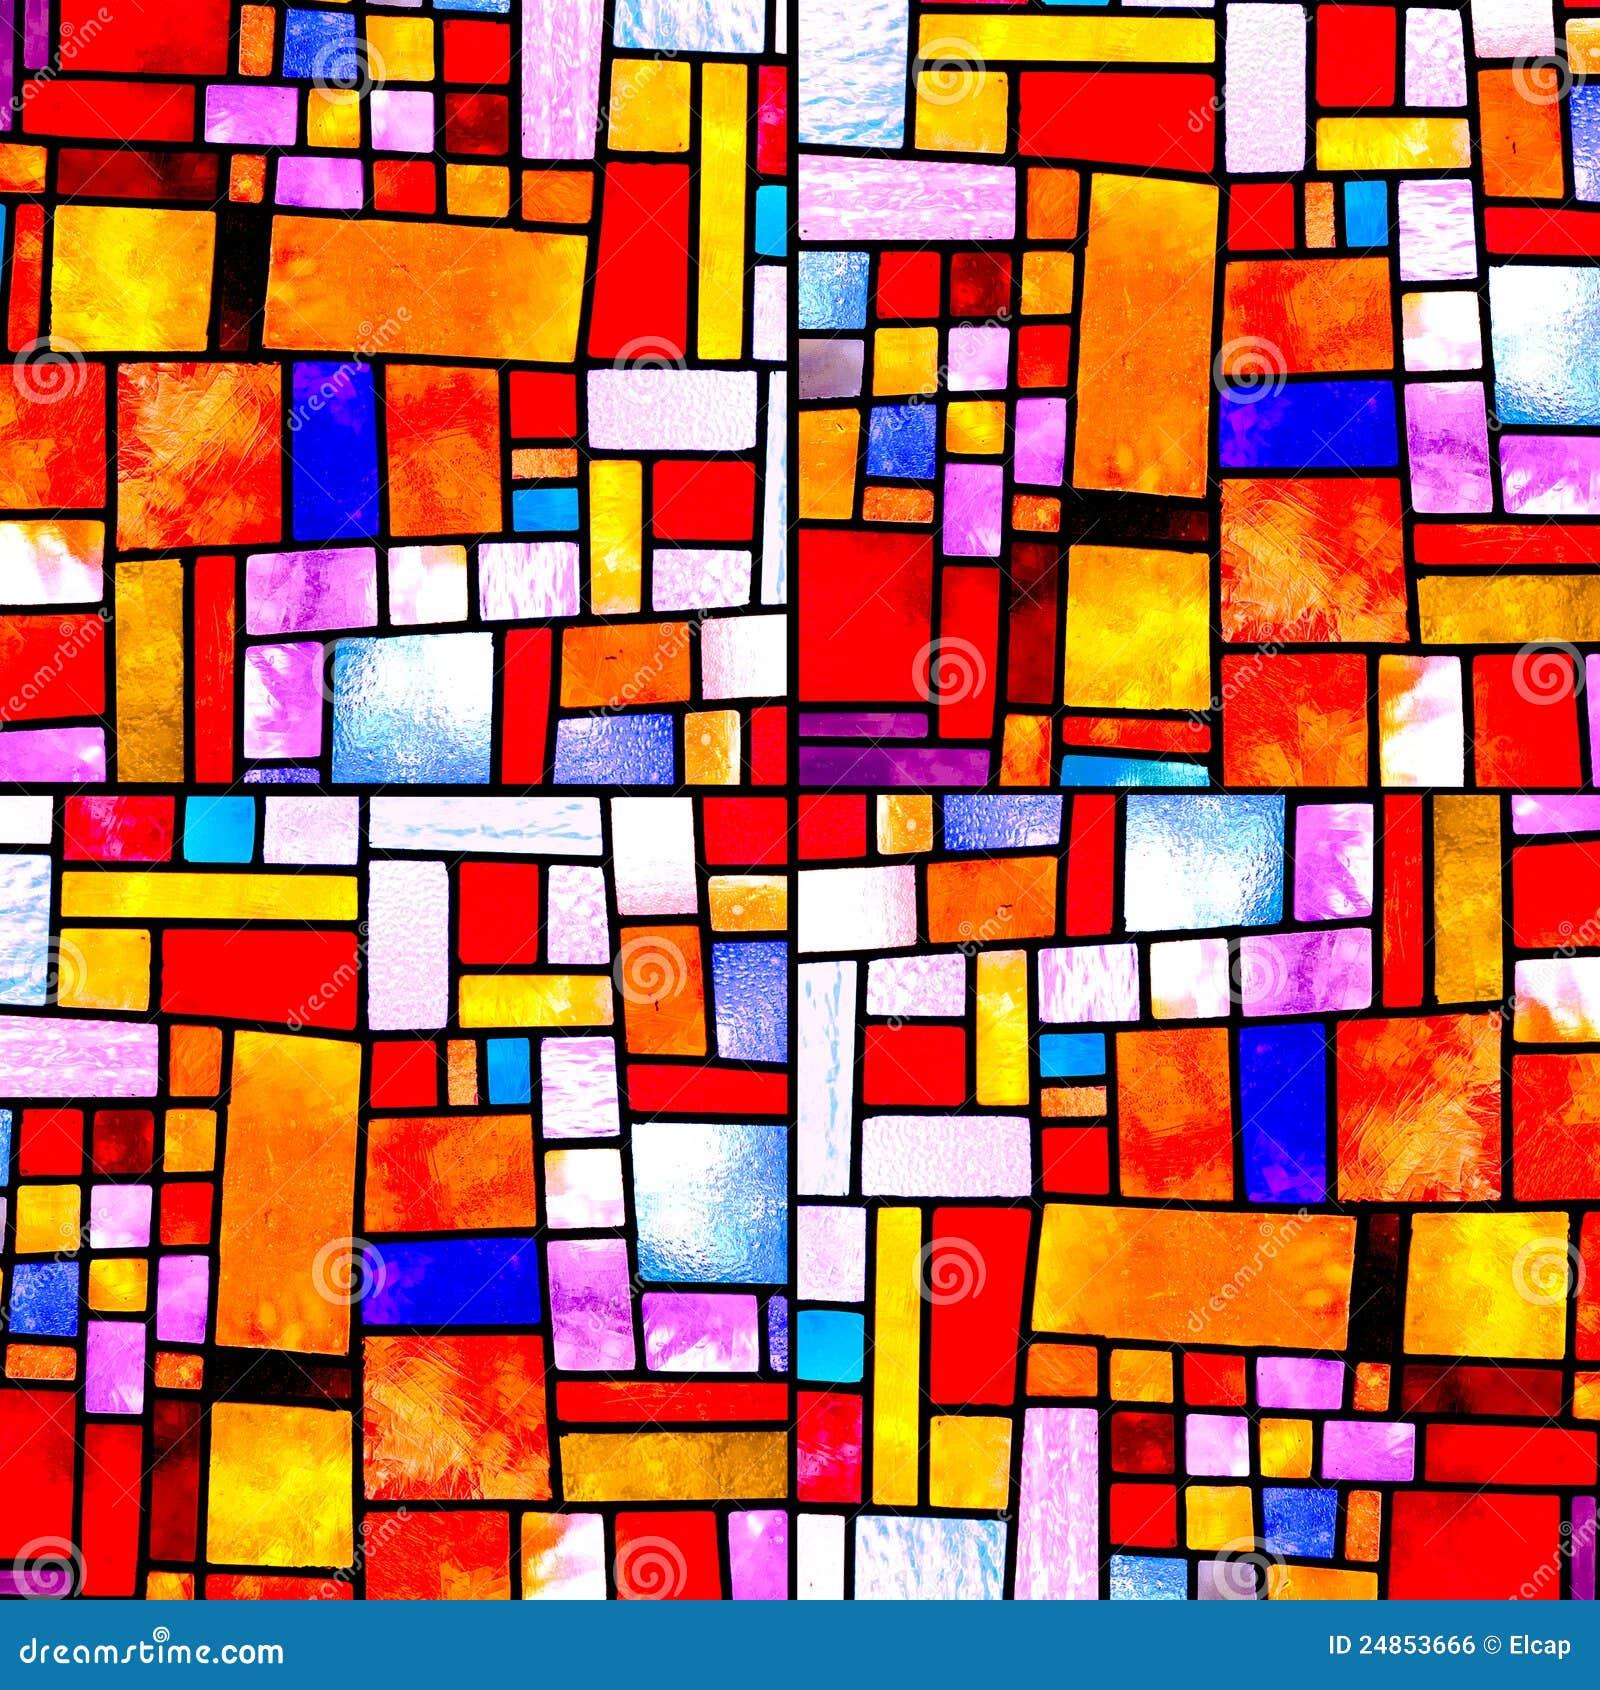 Random Square Multicolor Pattern